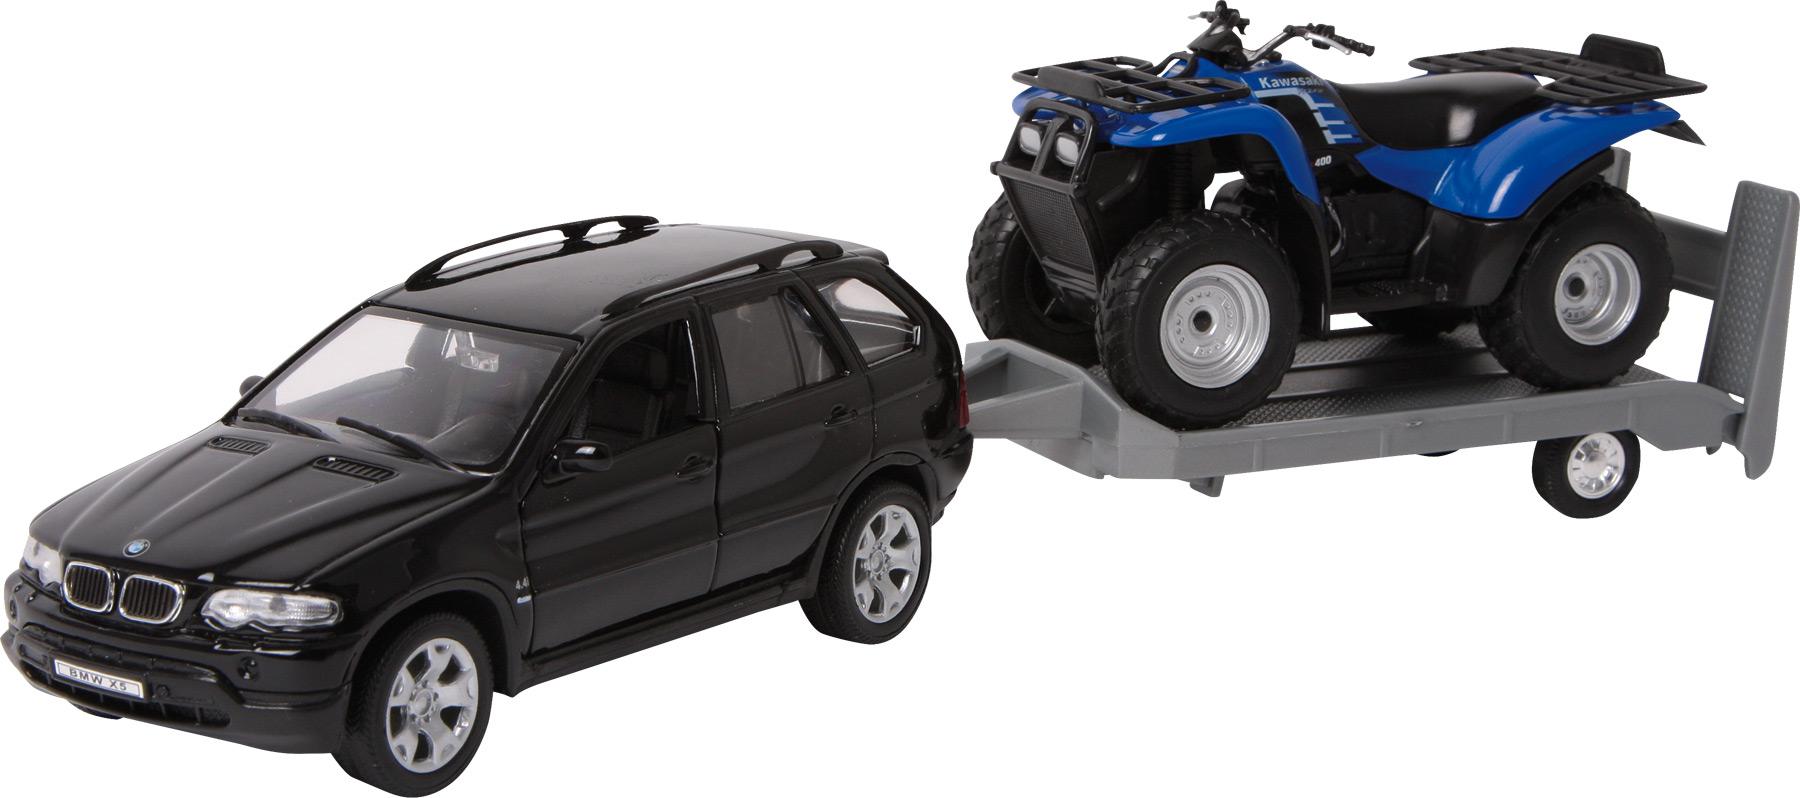 Small Foot Model automobilu Off-Road Set